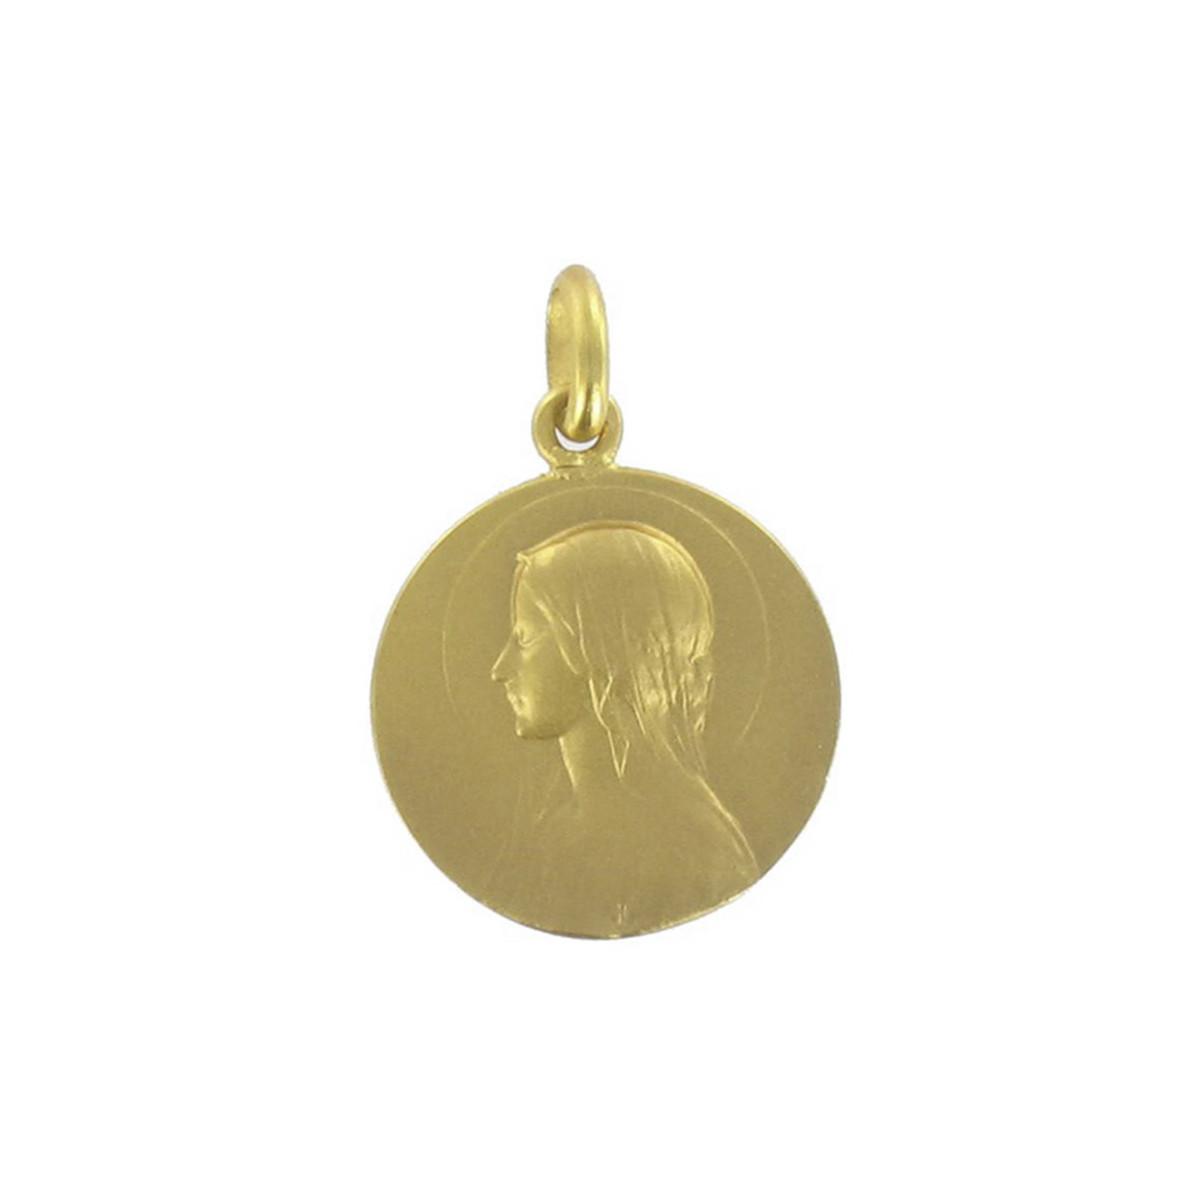 GOLD SCAPULAR AVE VELO / JESUS 18 MM